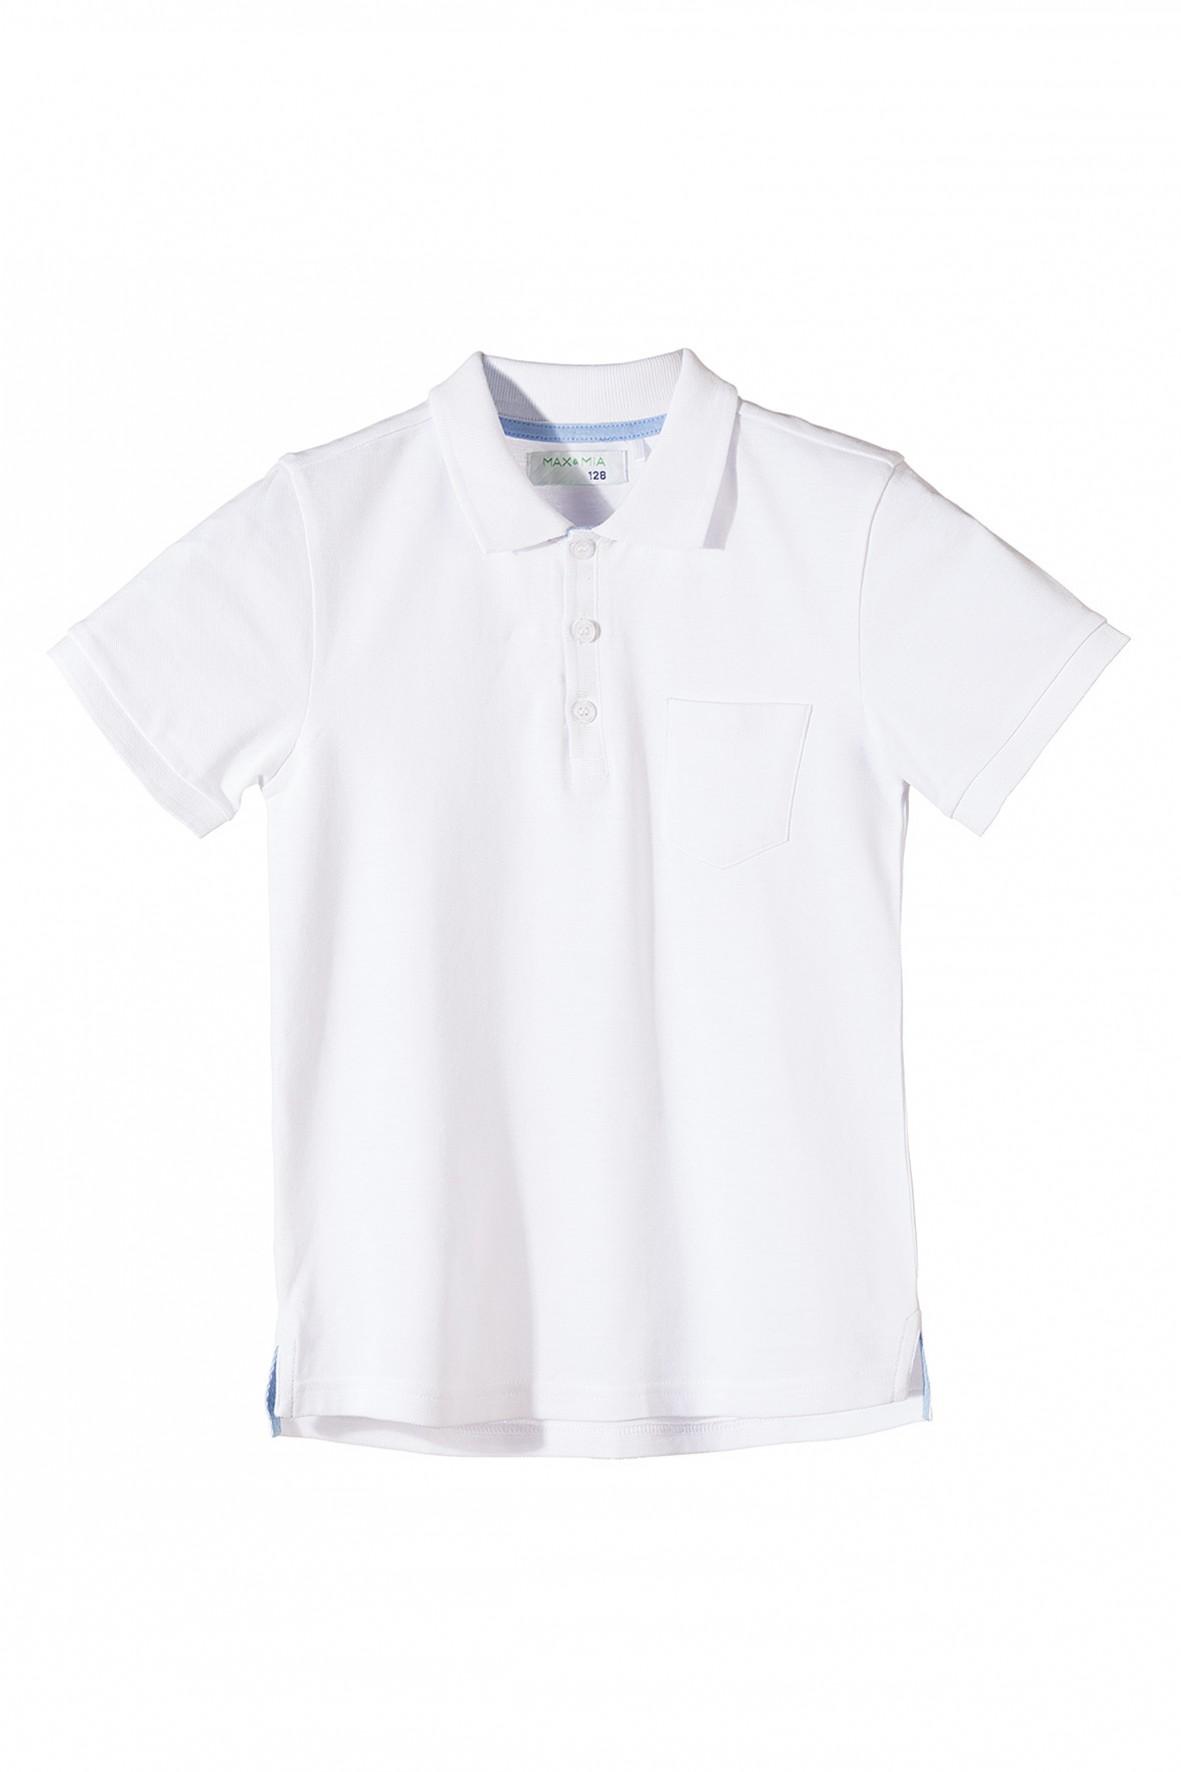 Koszulka chłopięca 1I3502